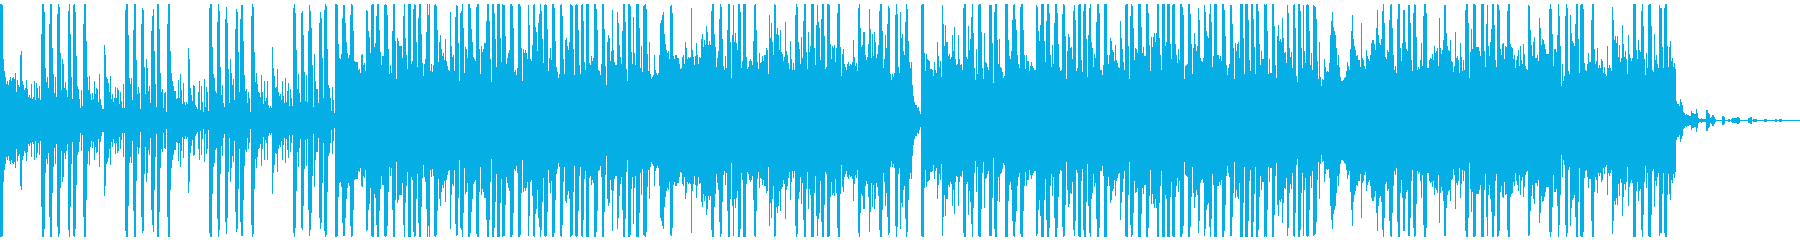 EDM・フューチャーベース風BGMの再生済みの波形